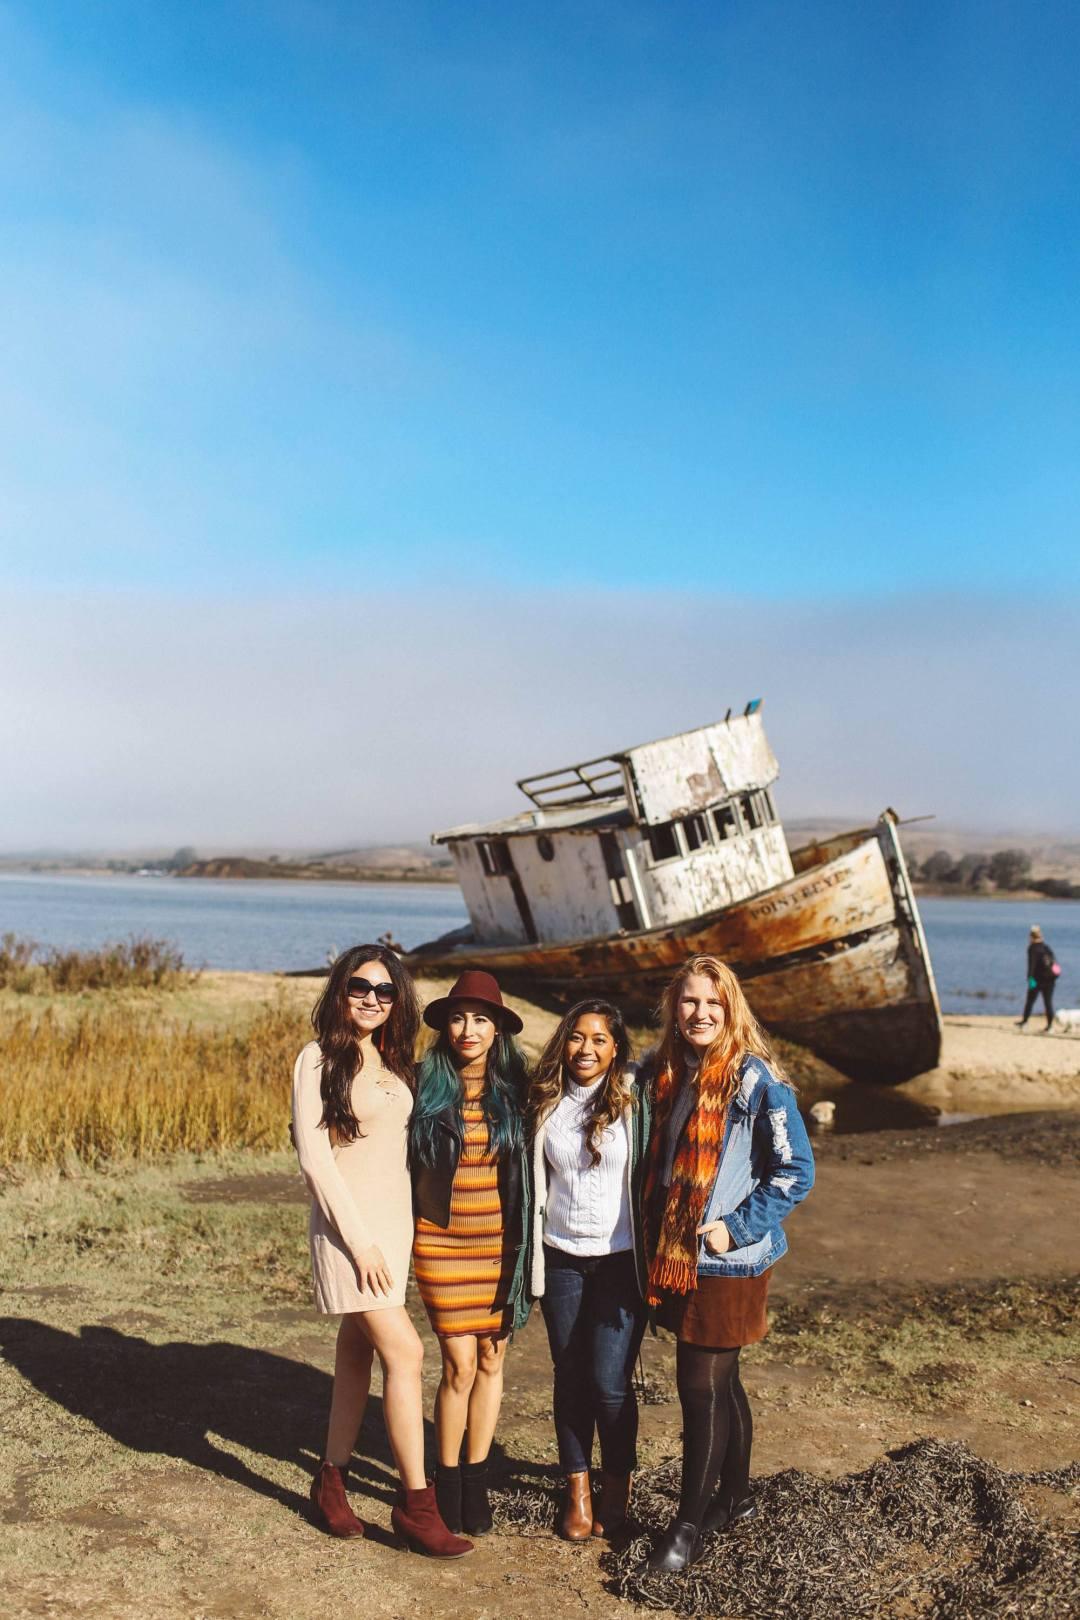 Point Reyes shipwreck group women